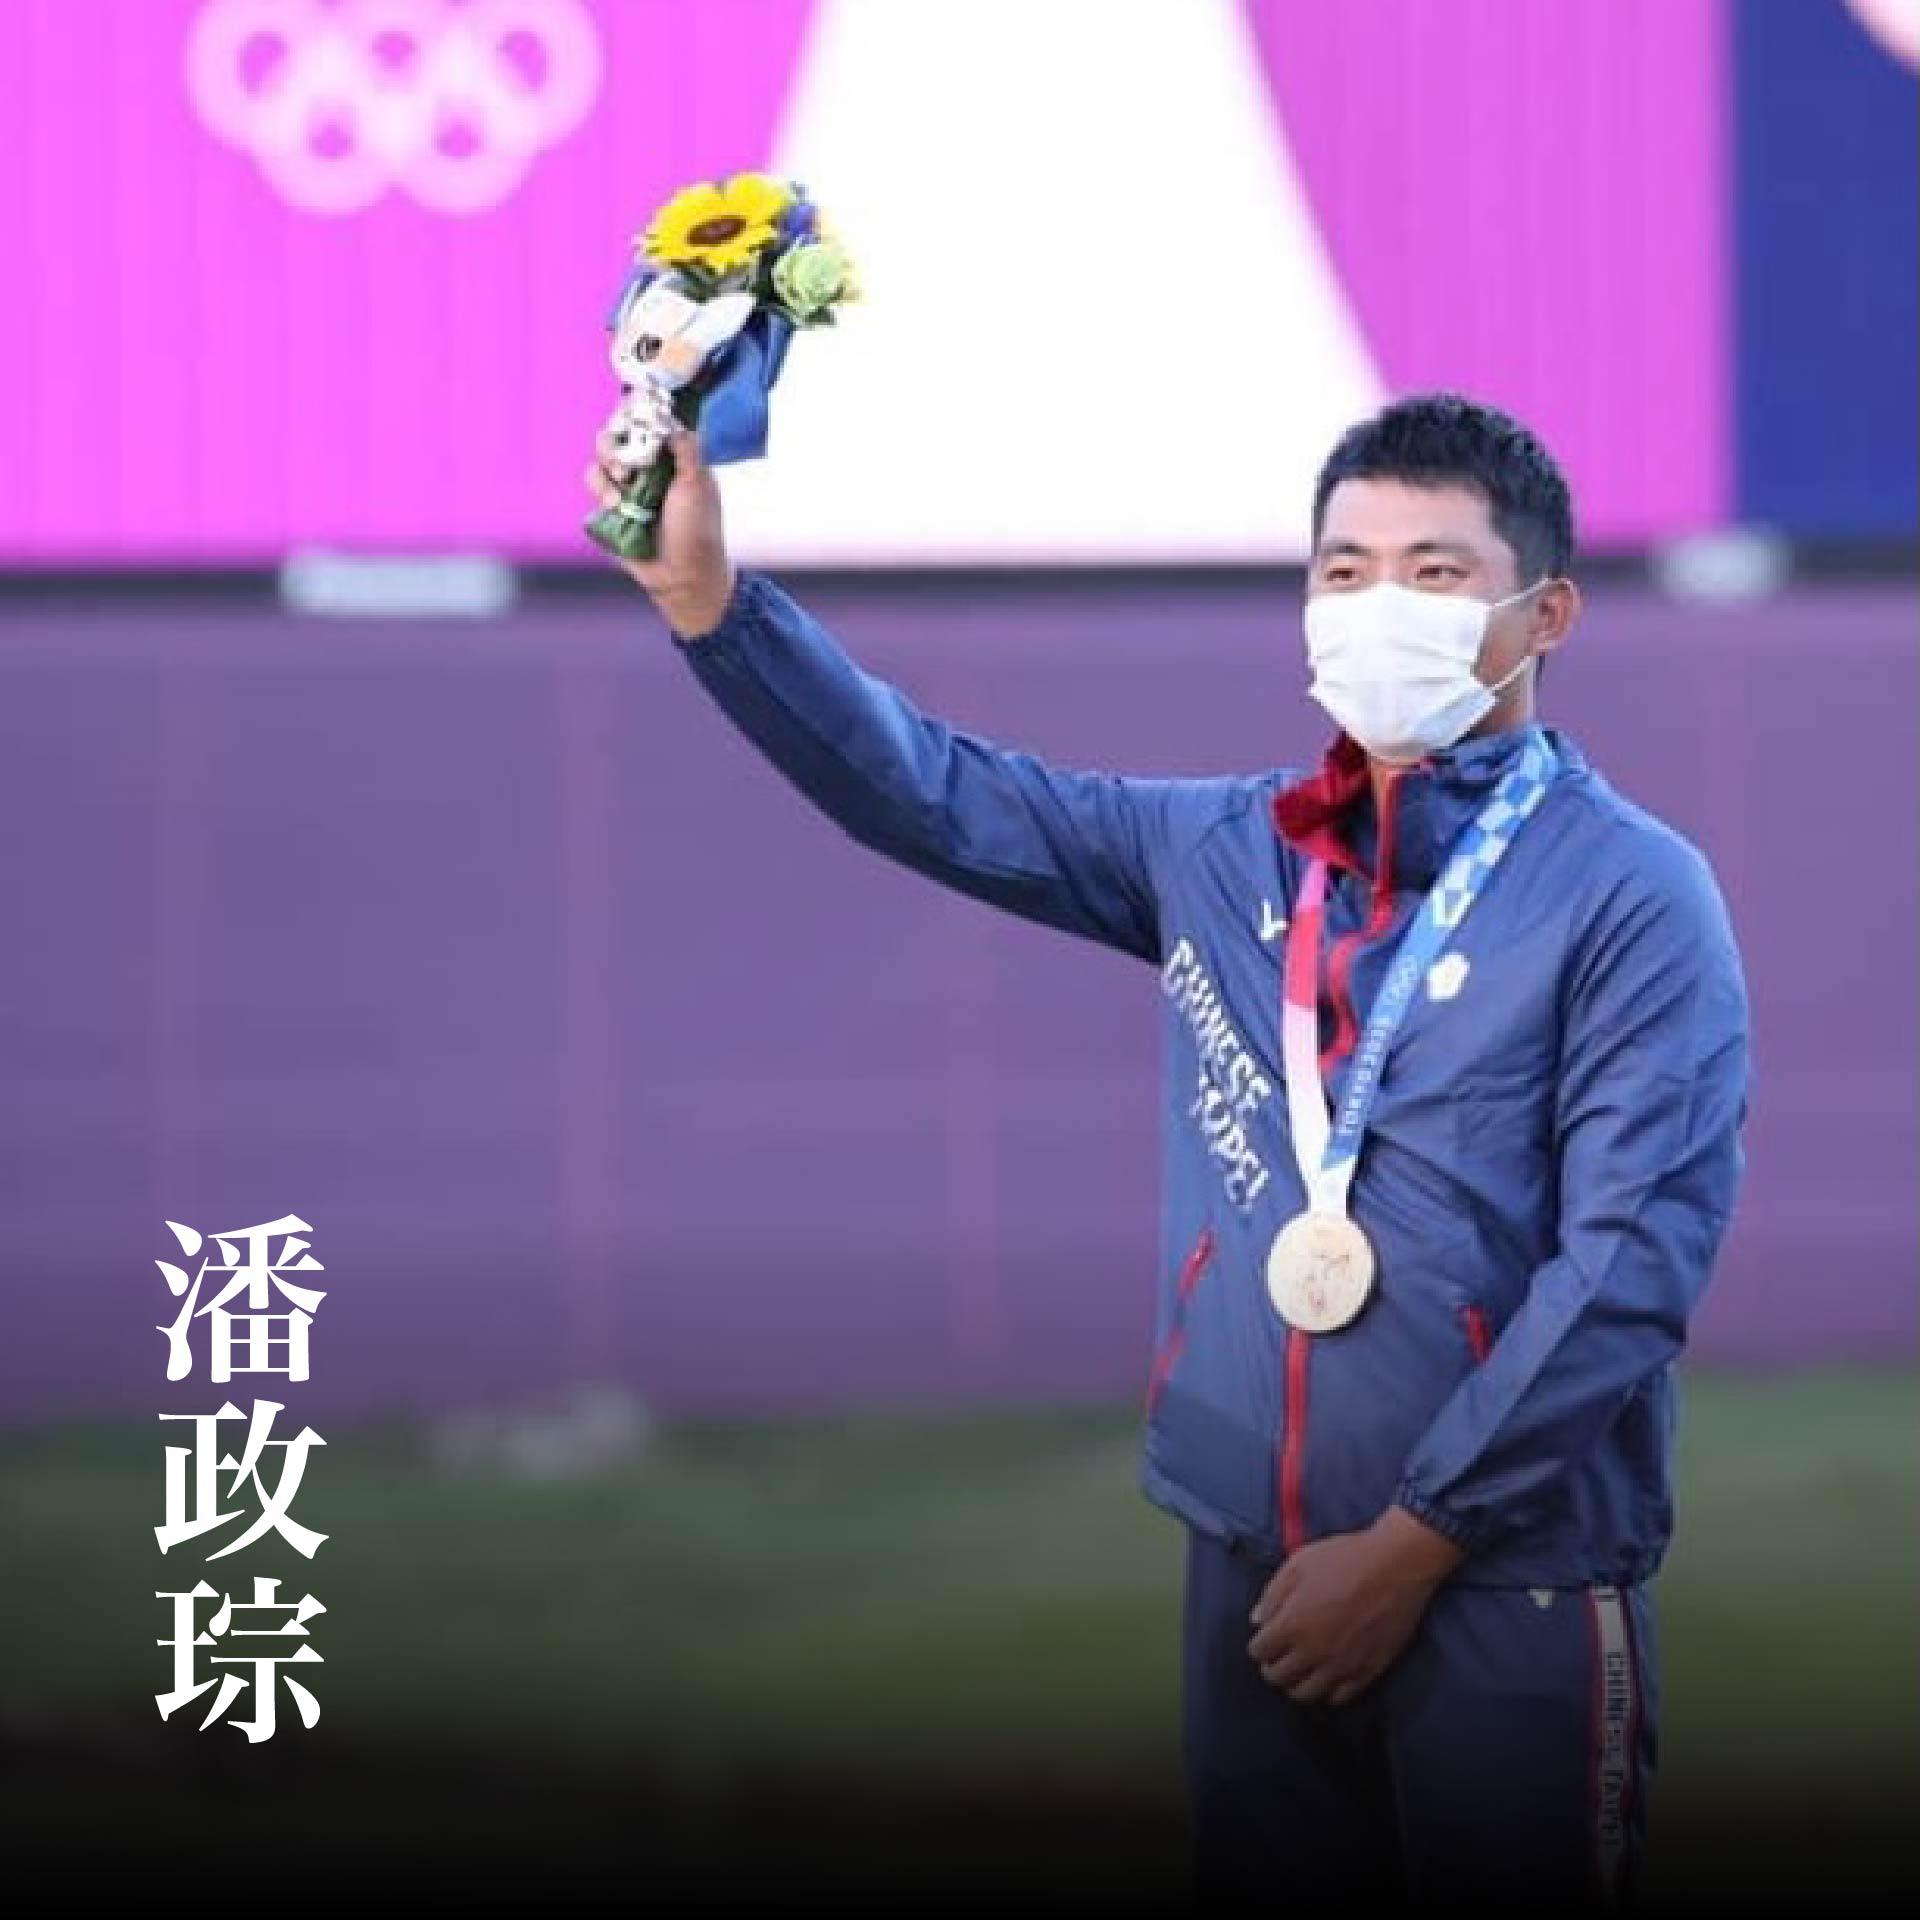 比賽不是只有拿金牌,一起認識台灣之光 V